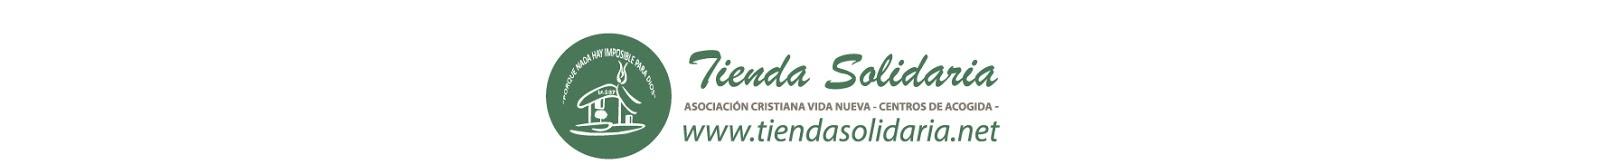 Tienda solidaria vida nueva